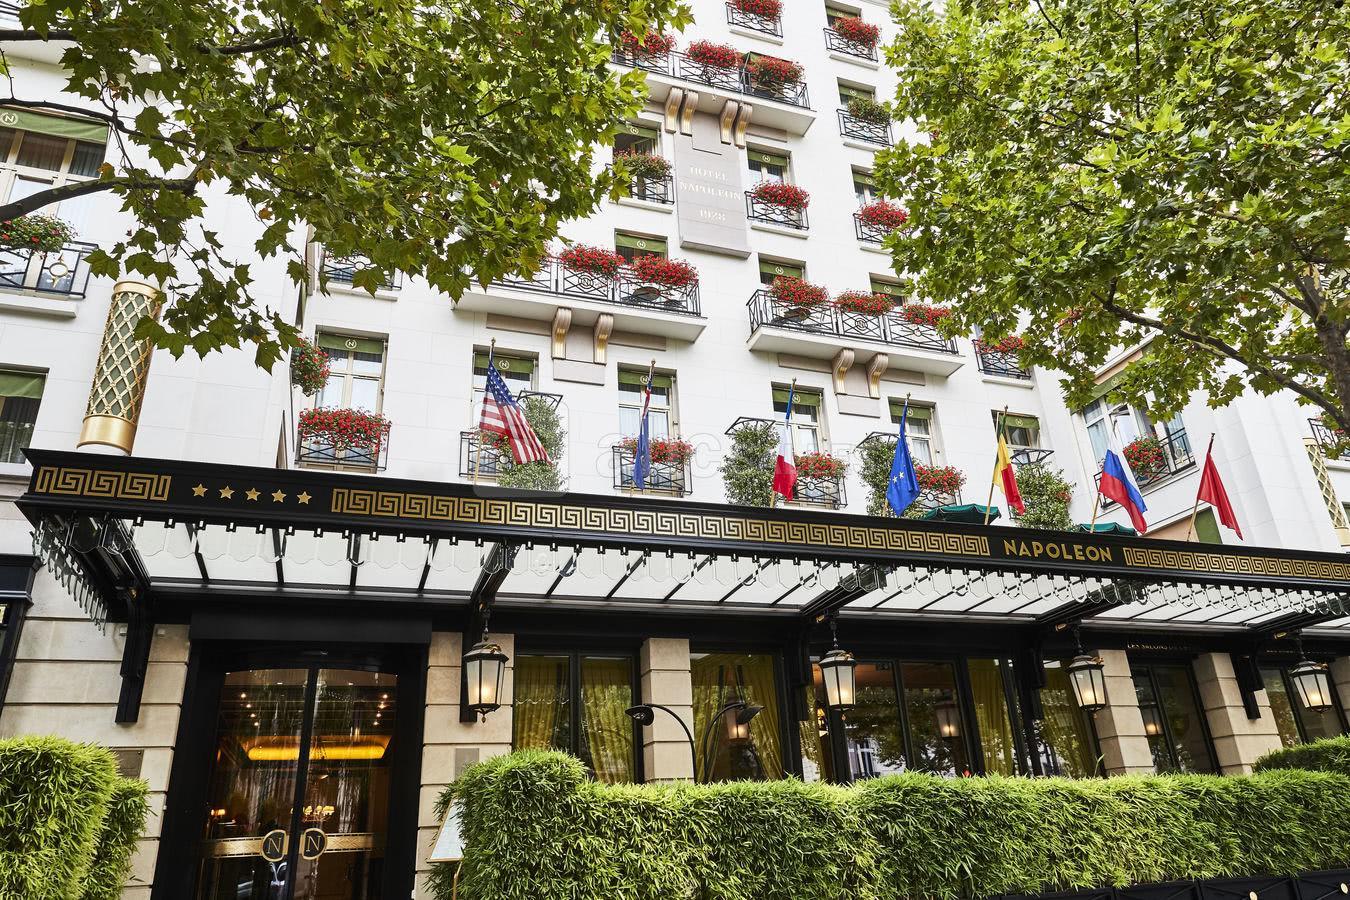 Paris-Hôtel-Napoléon